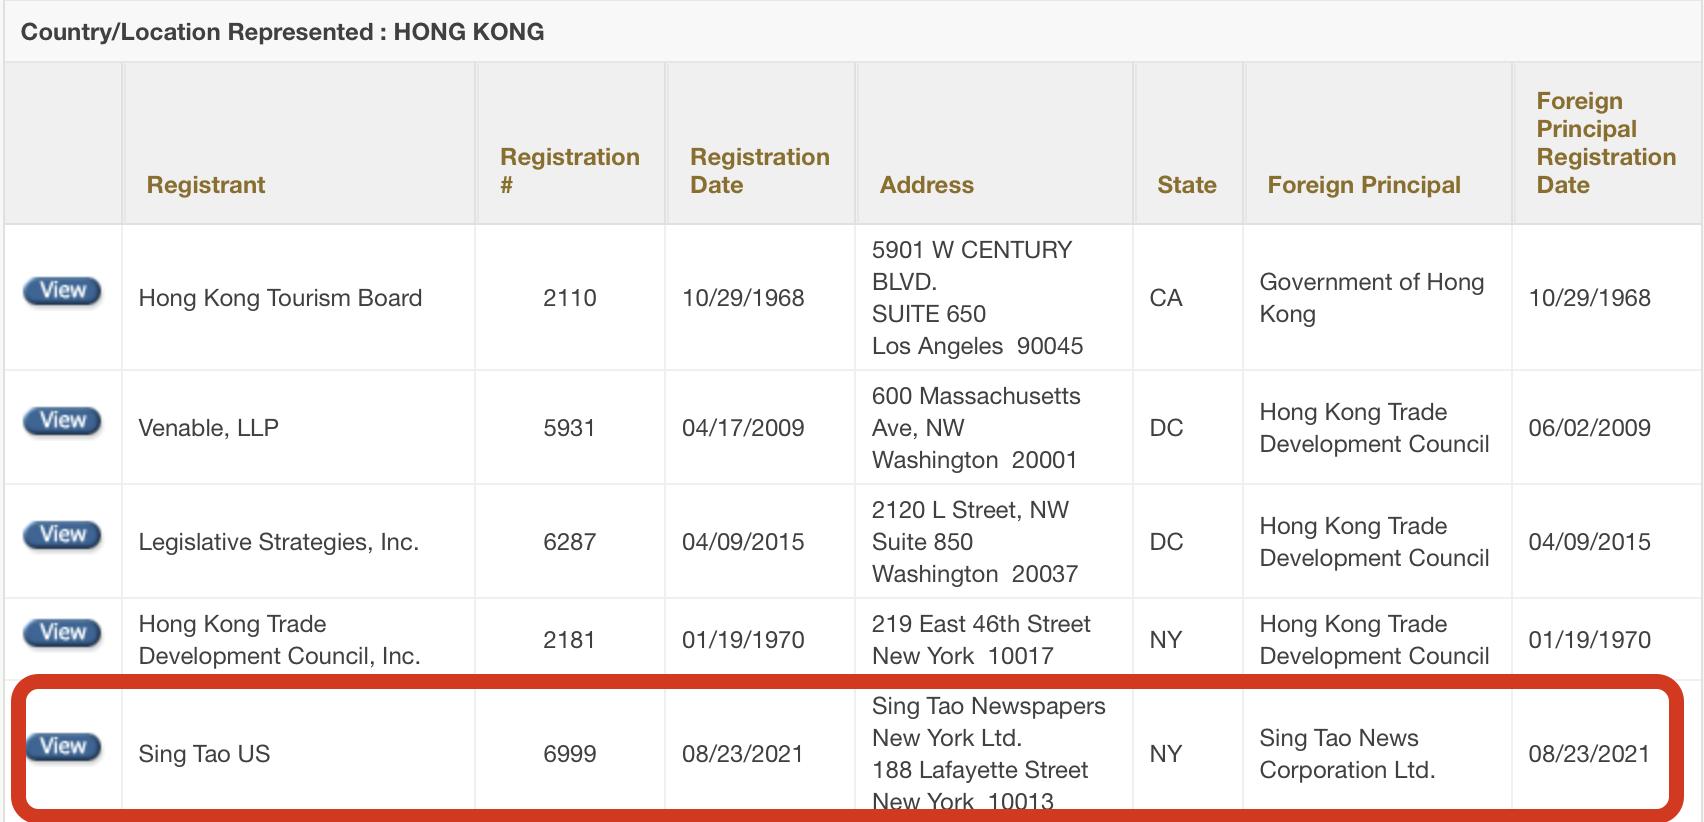 美國《星島日報》8月23日根據《外國代理人註冊法》向司法部提交文件,承認為外國代理人。(美國司法部FARA網站)